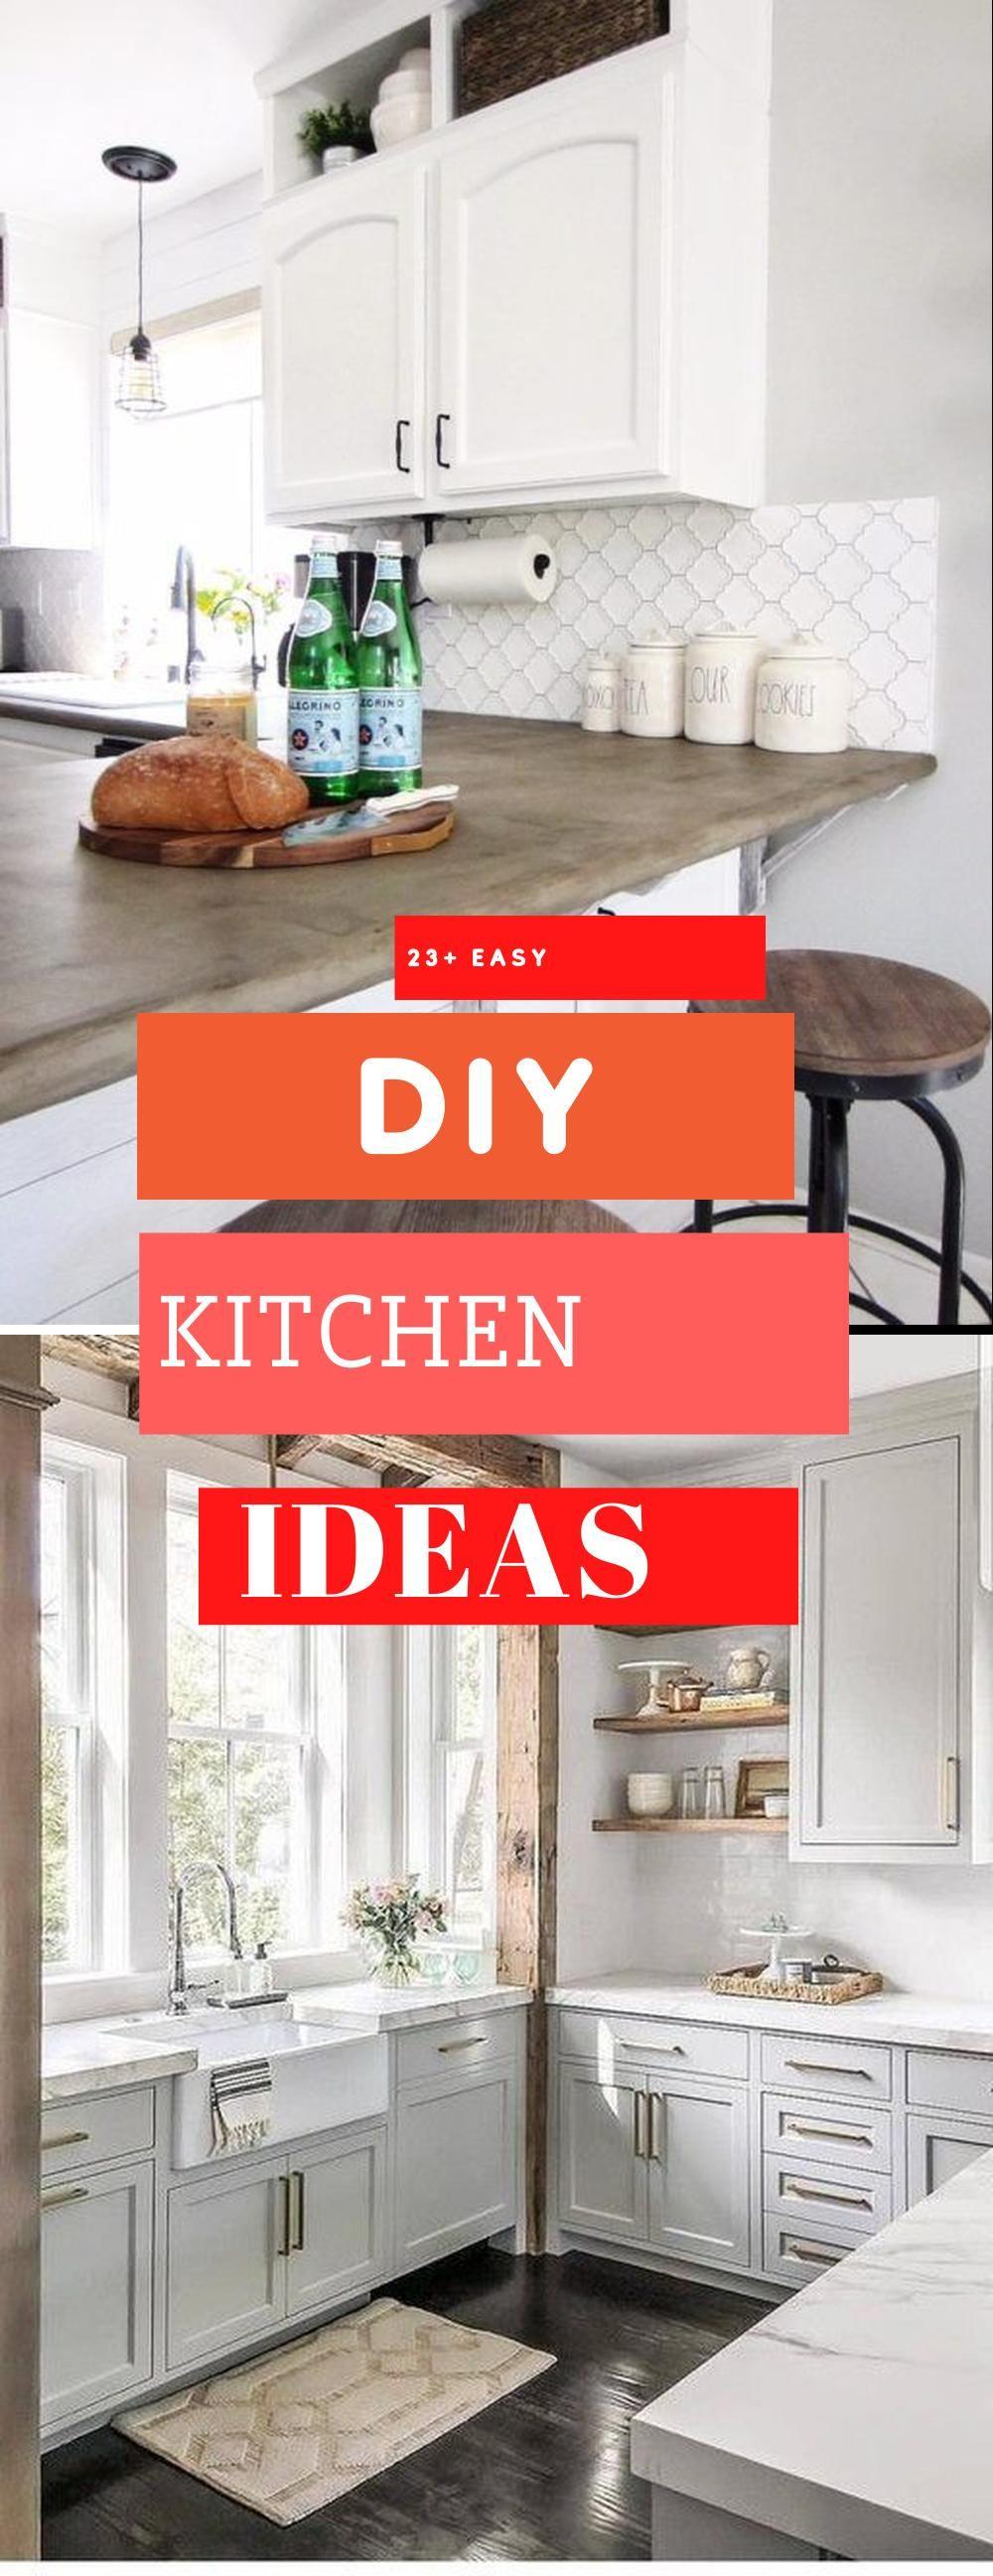 Diy Kitchen Decoration Ideas In 2021 Design Decor